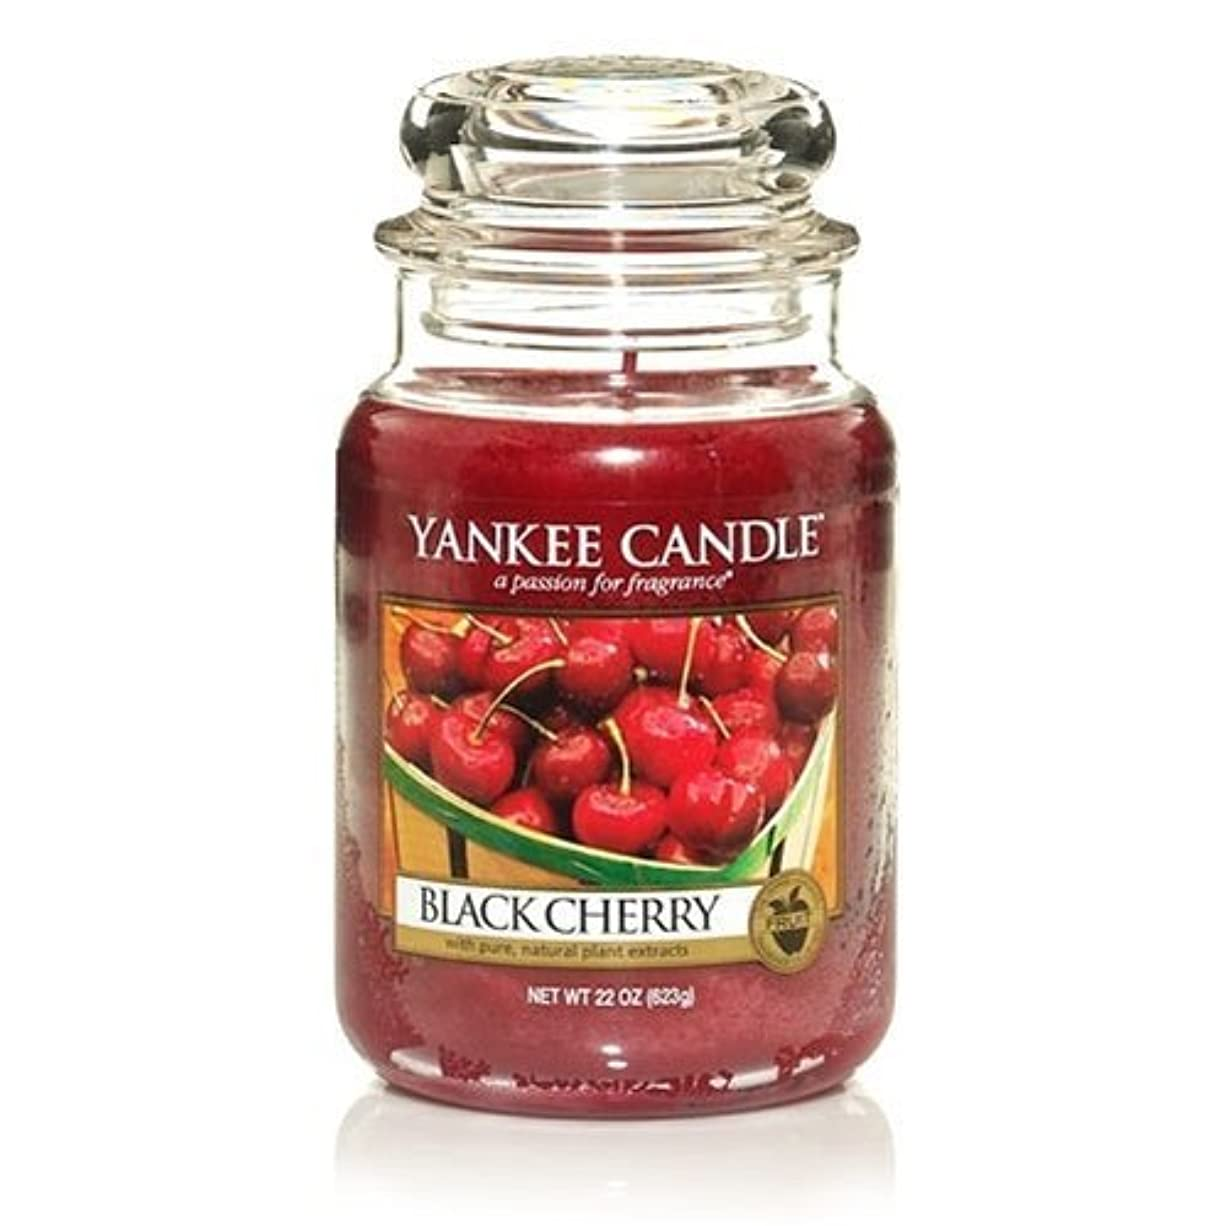 上記の頭と肩気まぐれな粘土Yankee Candle Large Black Cherry Jar Candle 1129749 by Yankee Candle [並行輸入品]